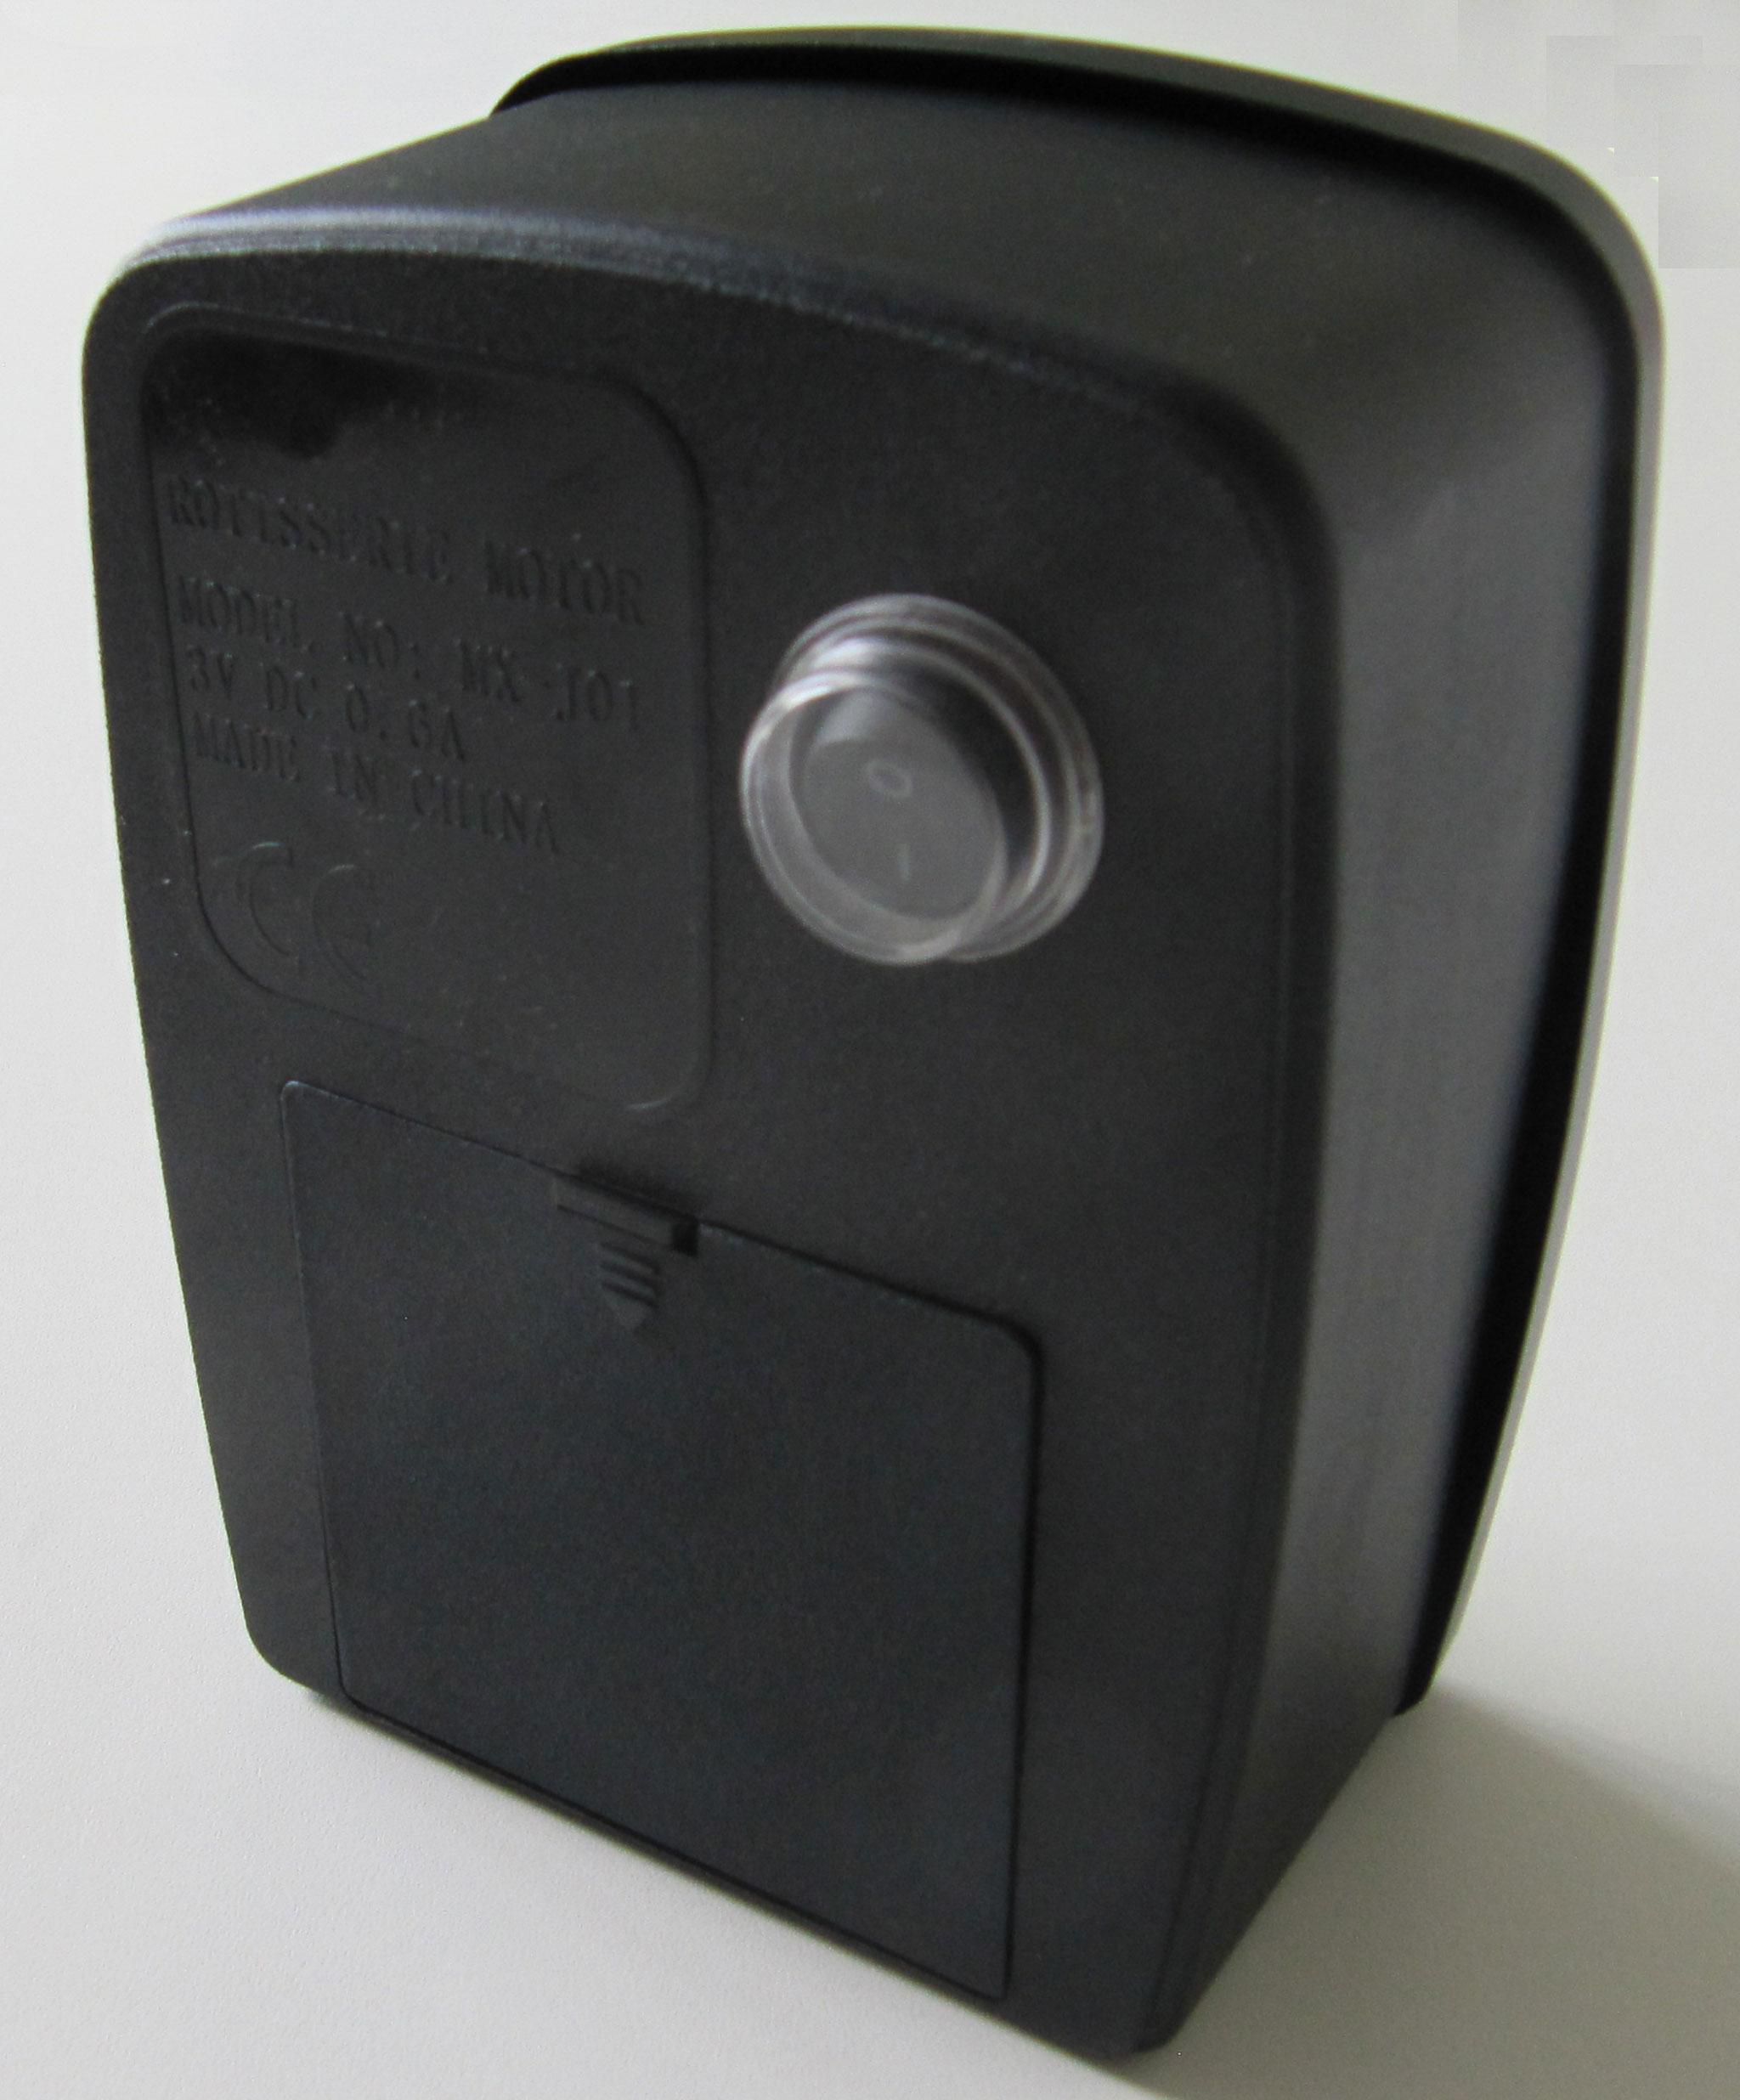 Grillmotor / Rotisserie Igor 1 batteriebetrieben Bild 2